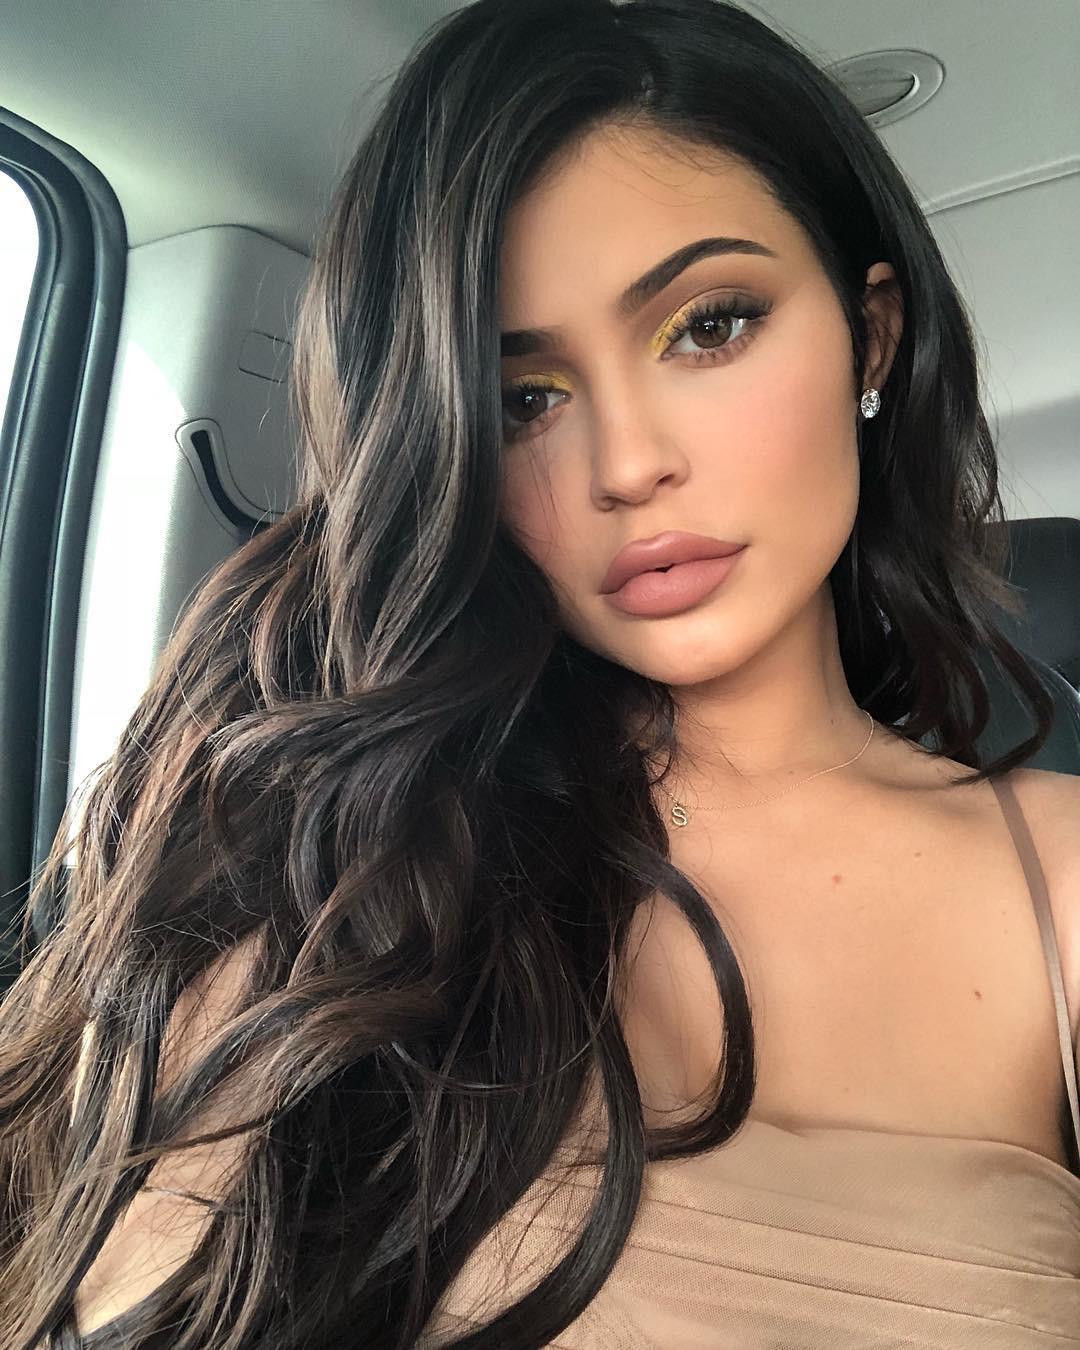 Nữ hoàng môi tều Kylie Jenner giờ môi đã không còn tều, tự nhận đã rút hết filler ra khỏi môi và đây là phản ứng của cư dân mạng - Ảnh 1.